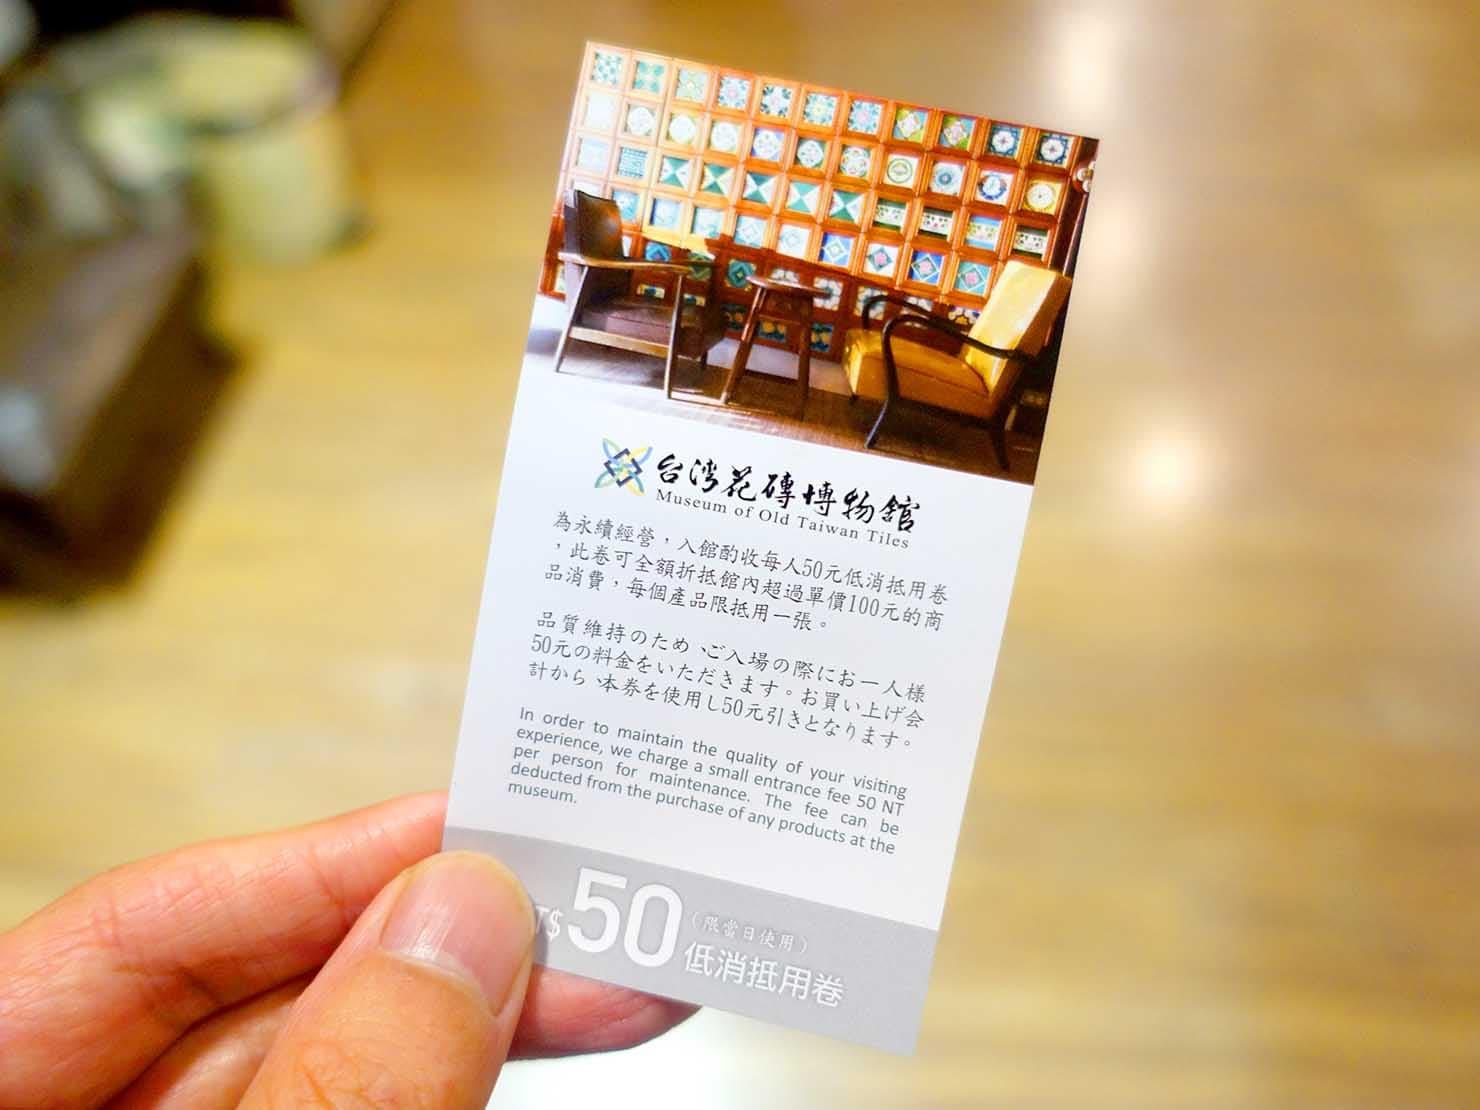 嘉義のおすすめ観光スポット「台灣花磚博物館」のチケット